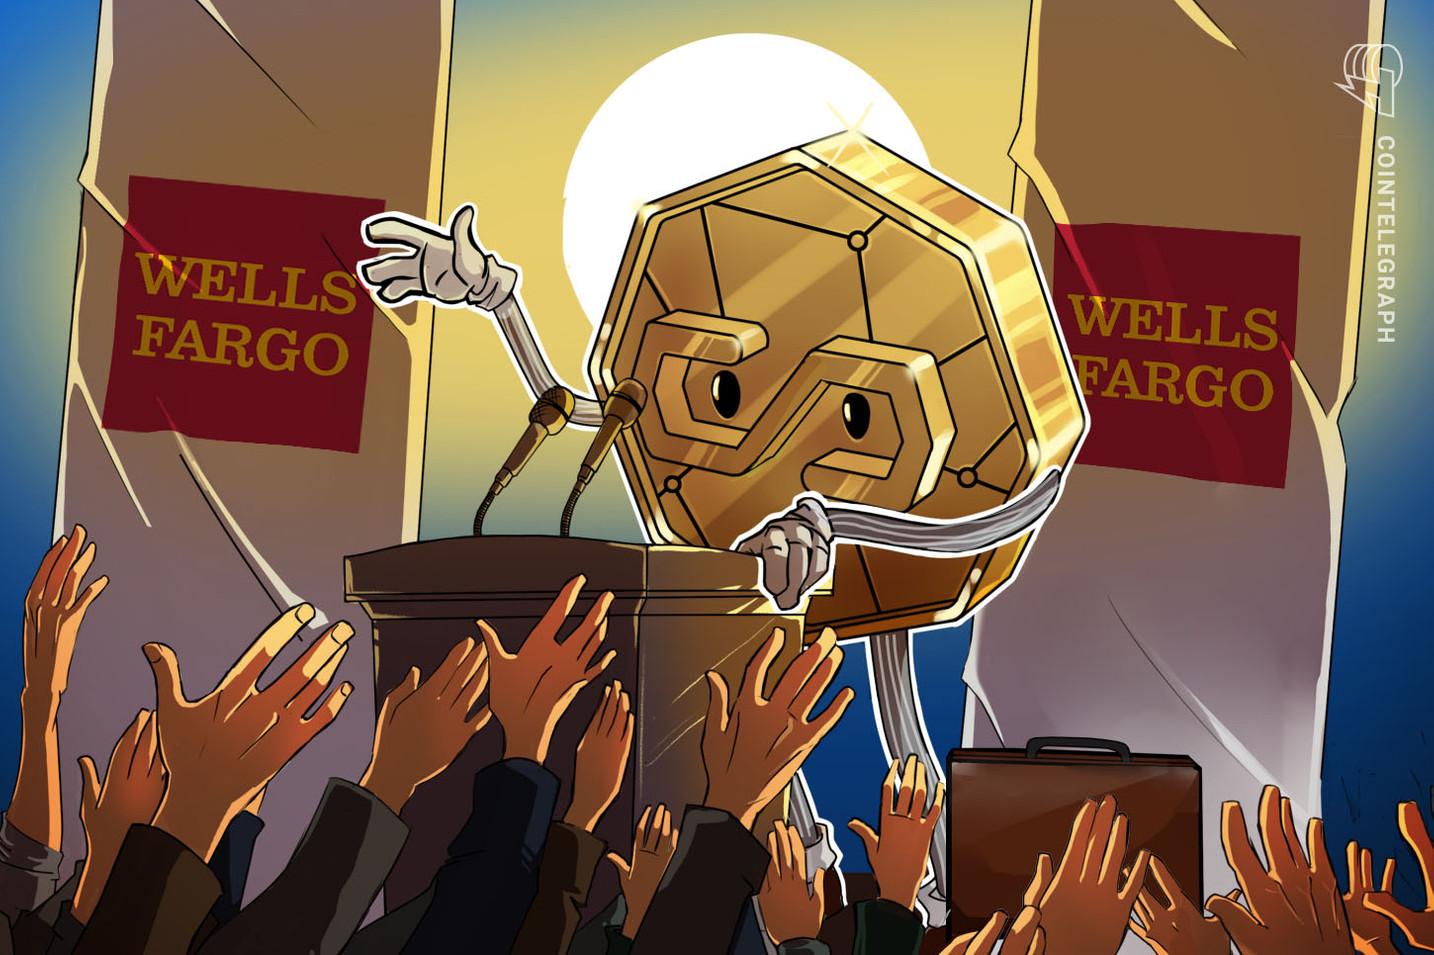 ウェルズ・ファーゴ、仮想通貨セキュリティ企業エリプティックに5.5億円出資  | 過去にはSBIも投資【ニュース】